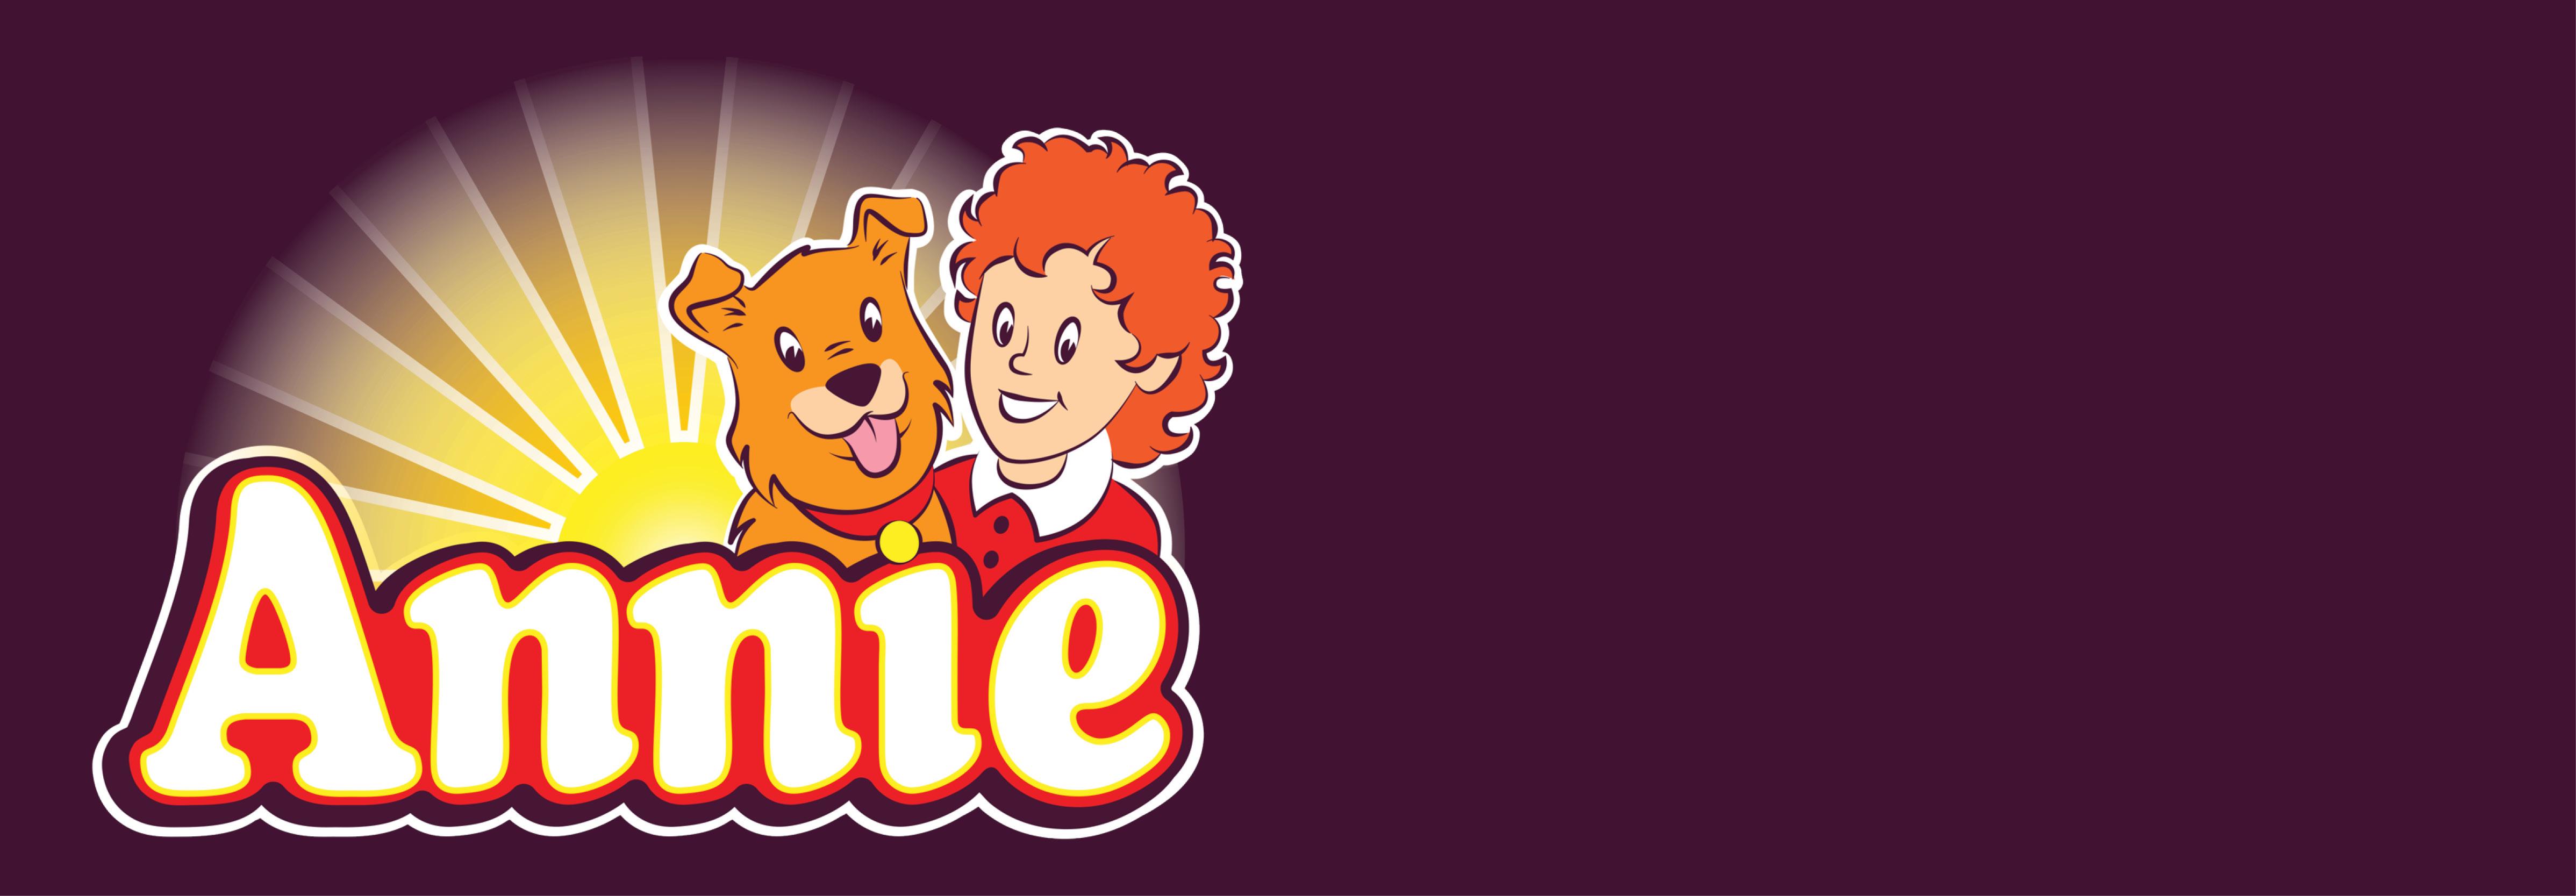 Oct. 27 - 29: Annie